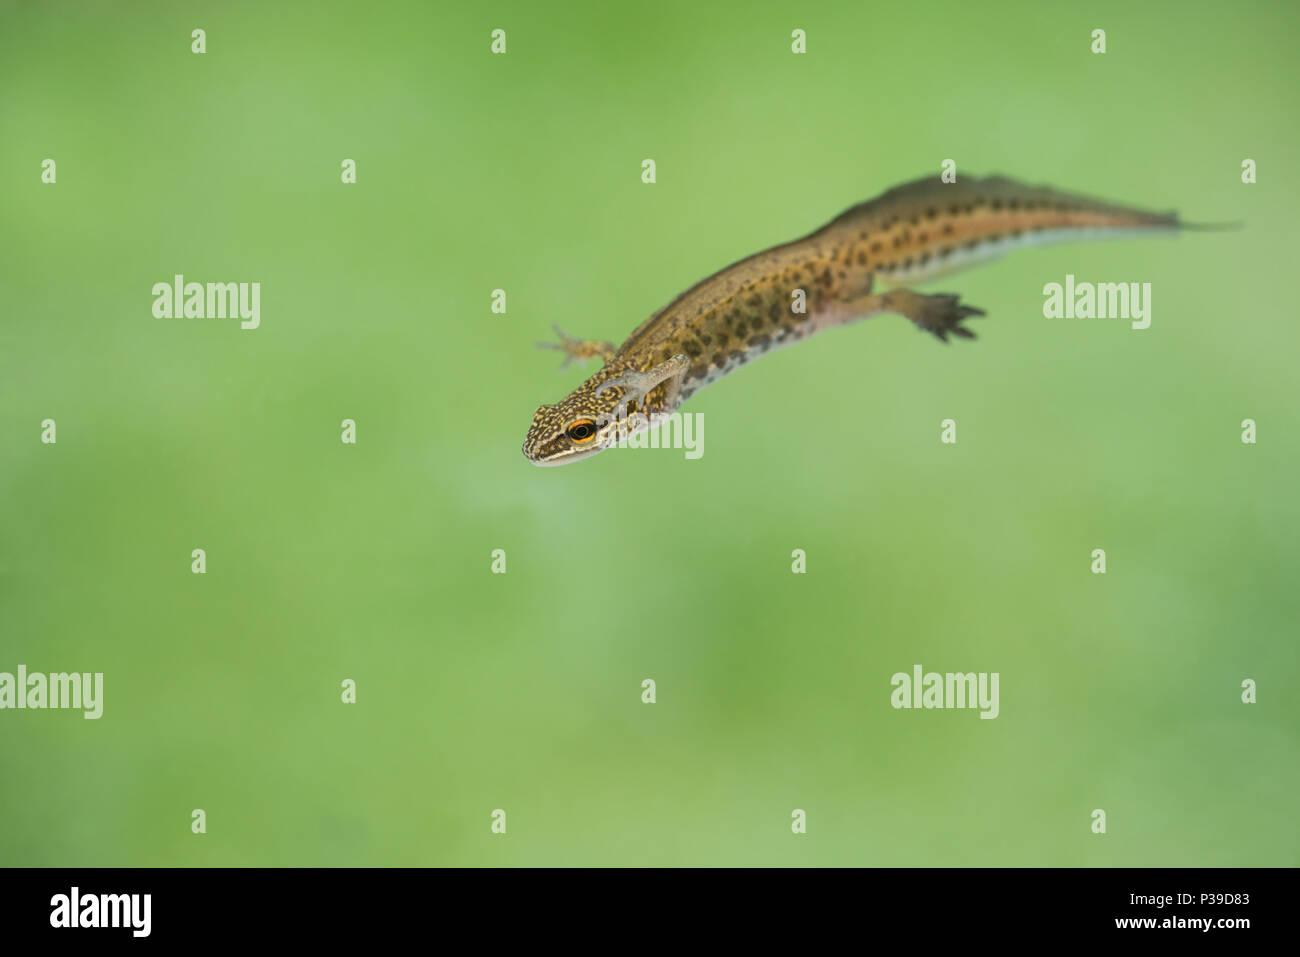 Männliche palmate Newt (Lissotriton helveticus) in Zucht Zustand, mit Schwimmhäuten zwischen den Hinterpfoten und Filament auf dem Schwanz Stockbild